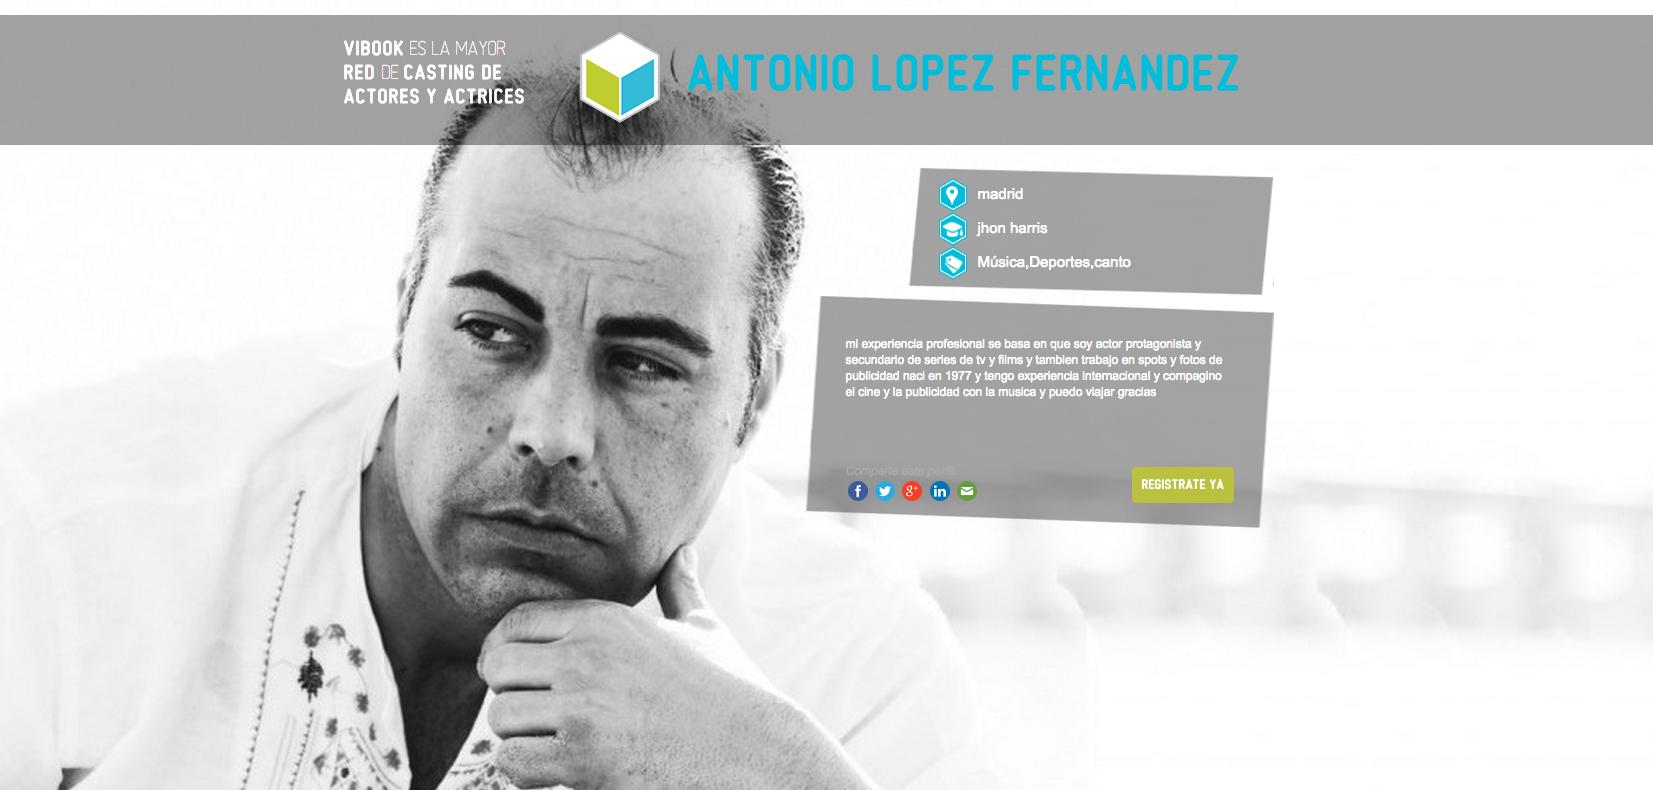 Actor ANTONIO LÓPEZ FERNÁNDEZ